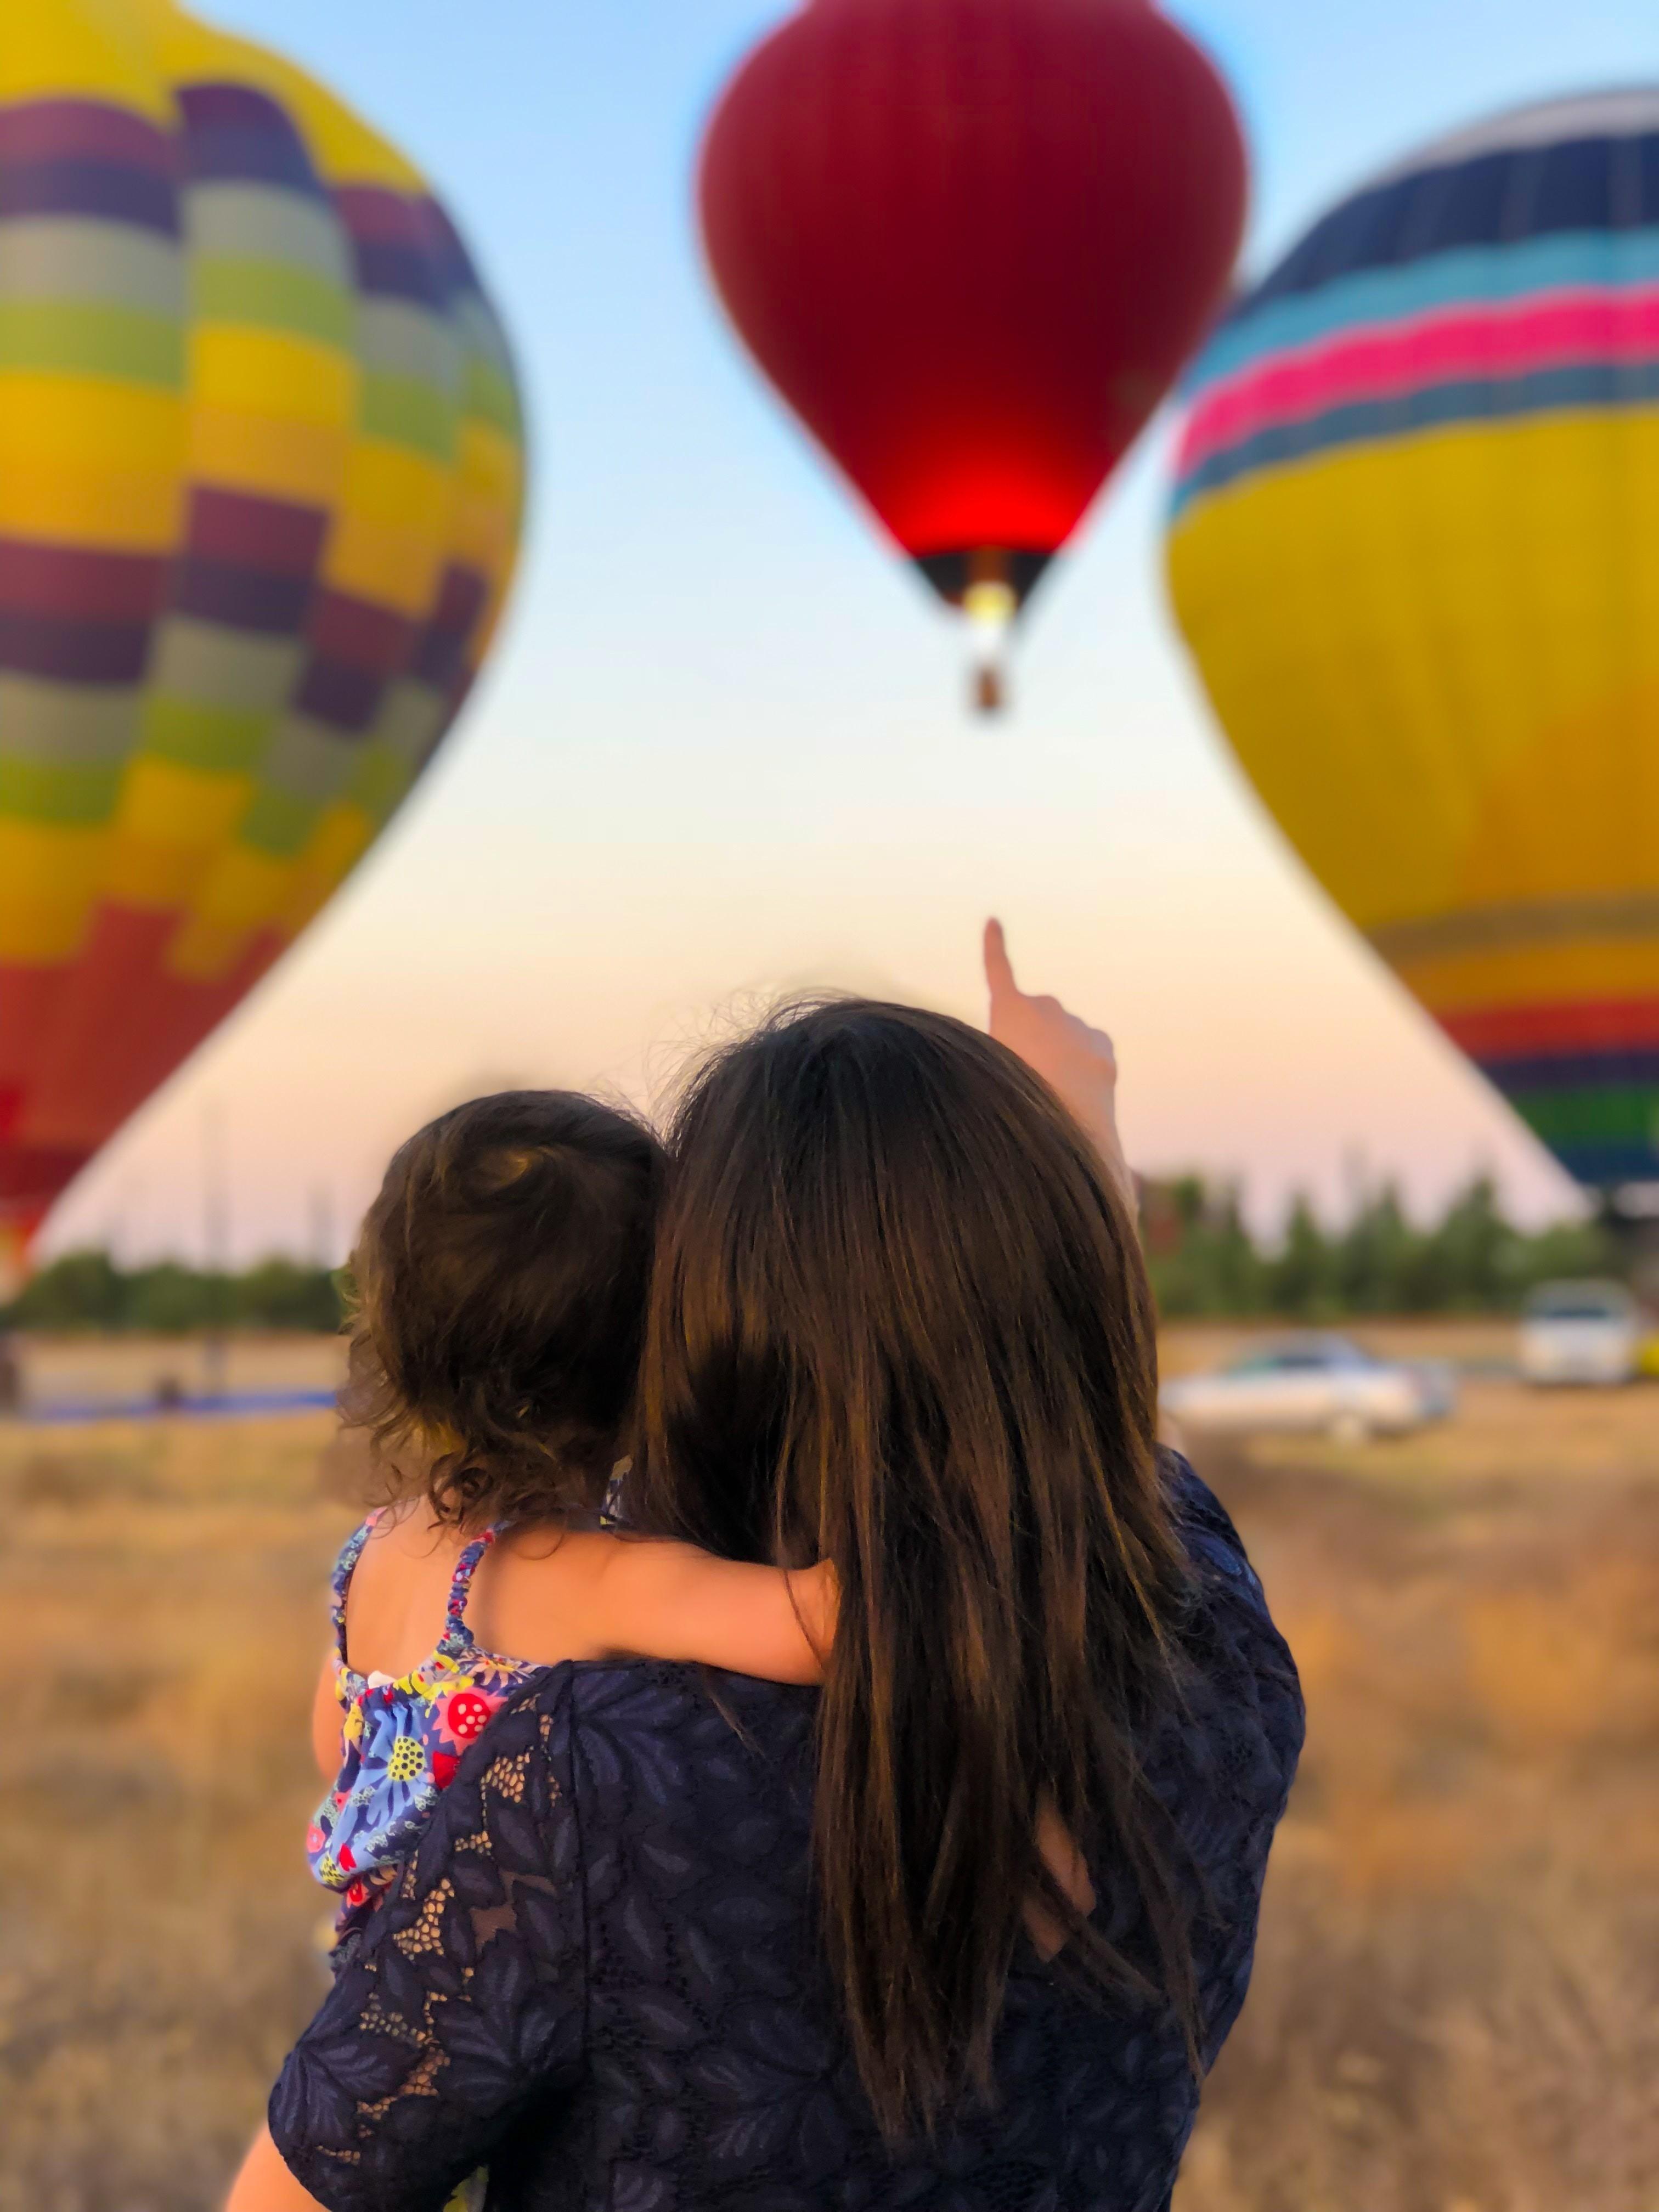 20 фраз, которые сказал любой родитель хотя бы раз в жизни